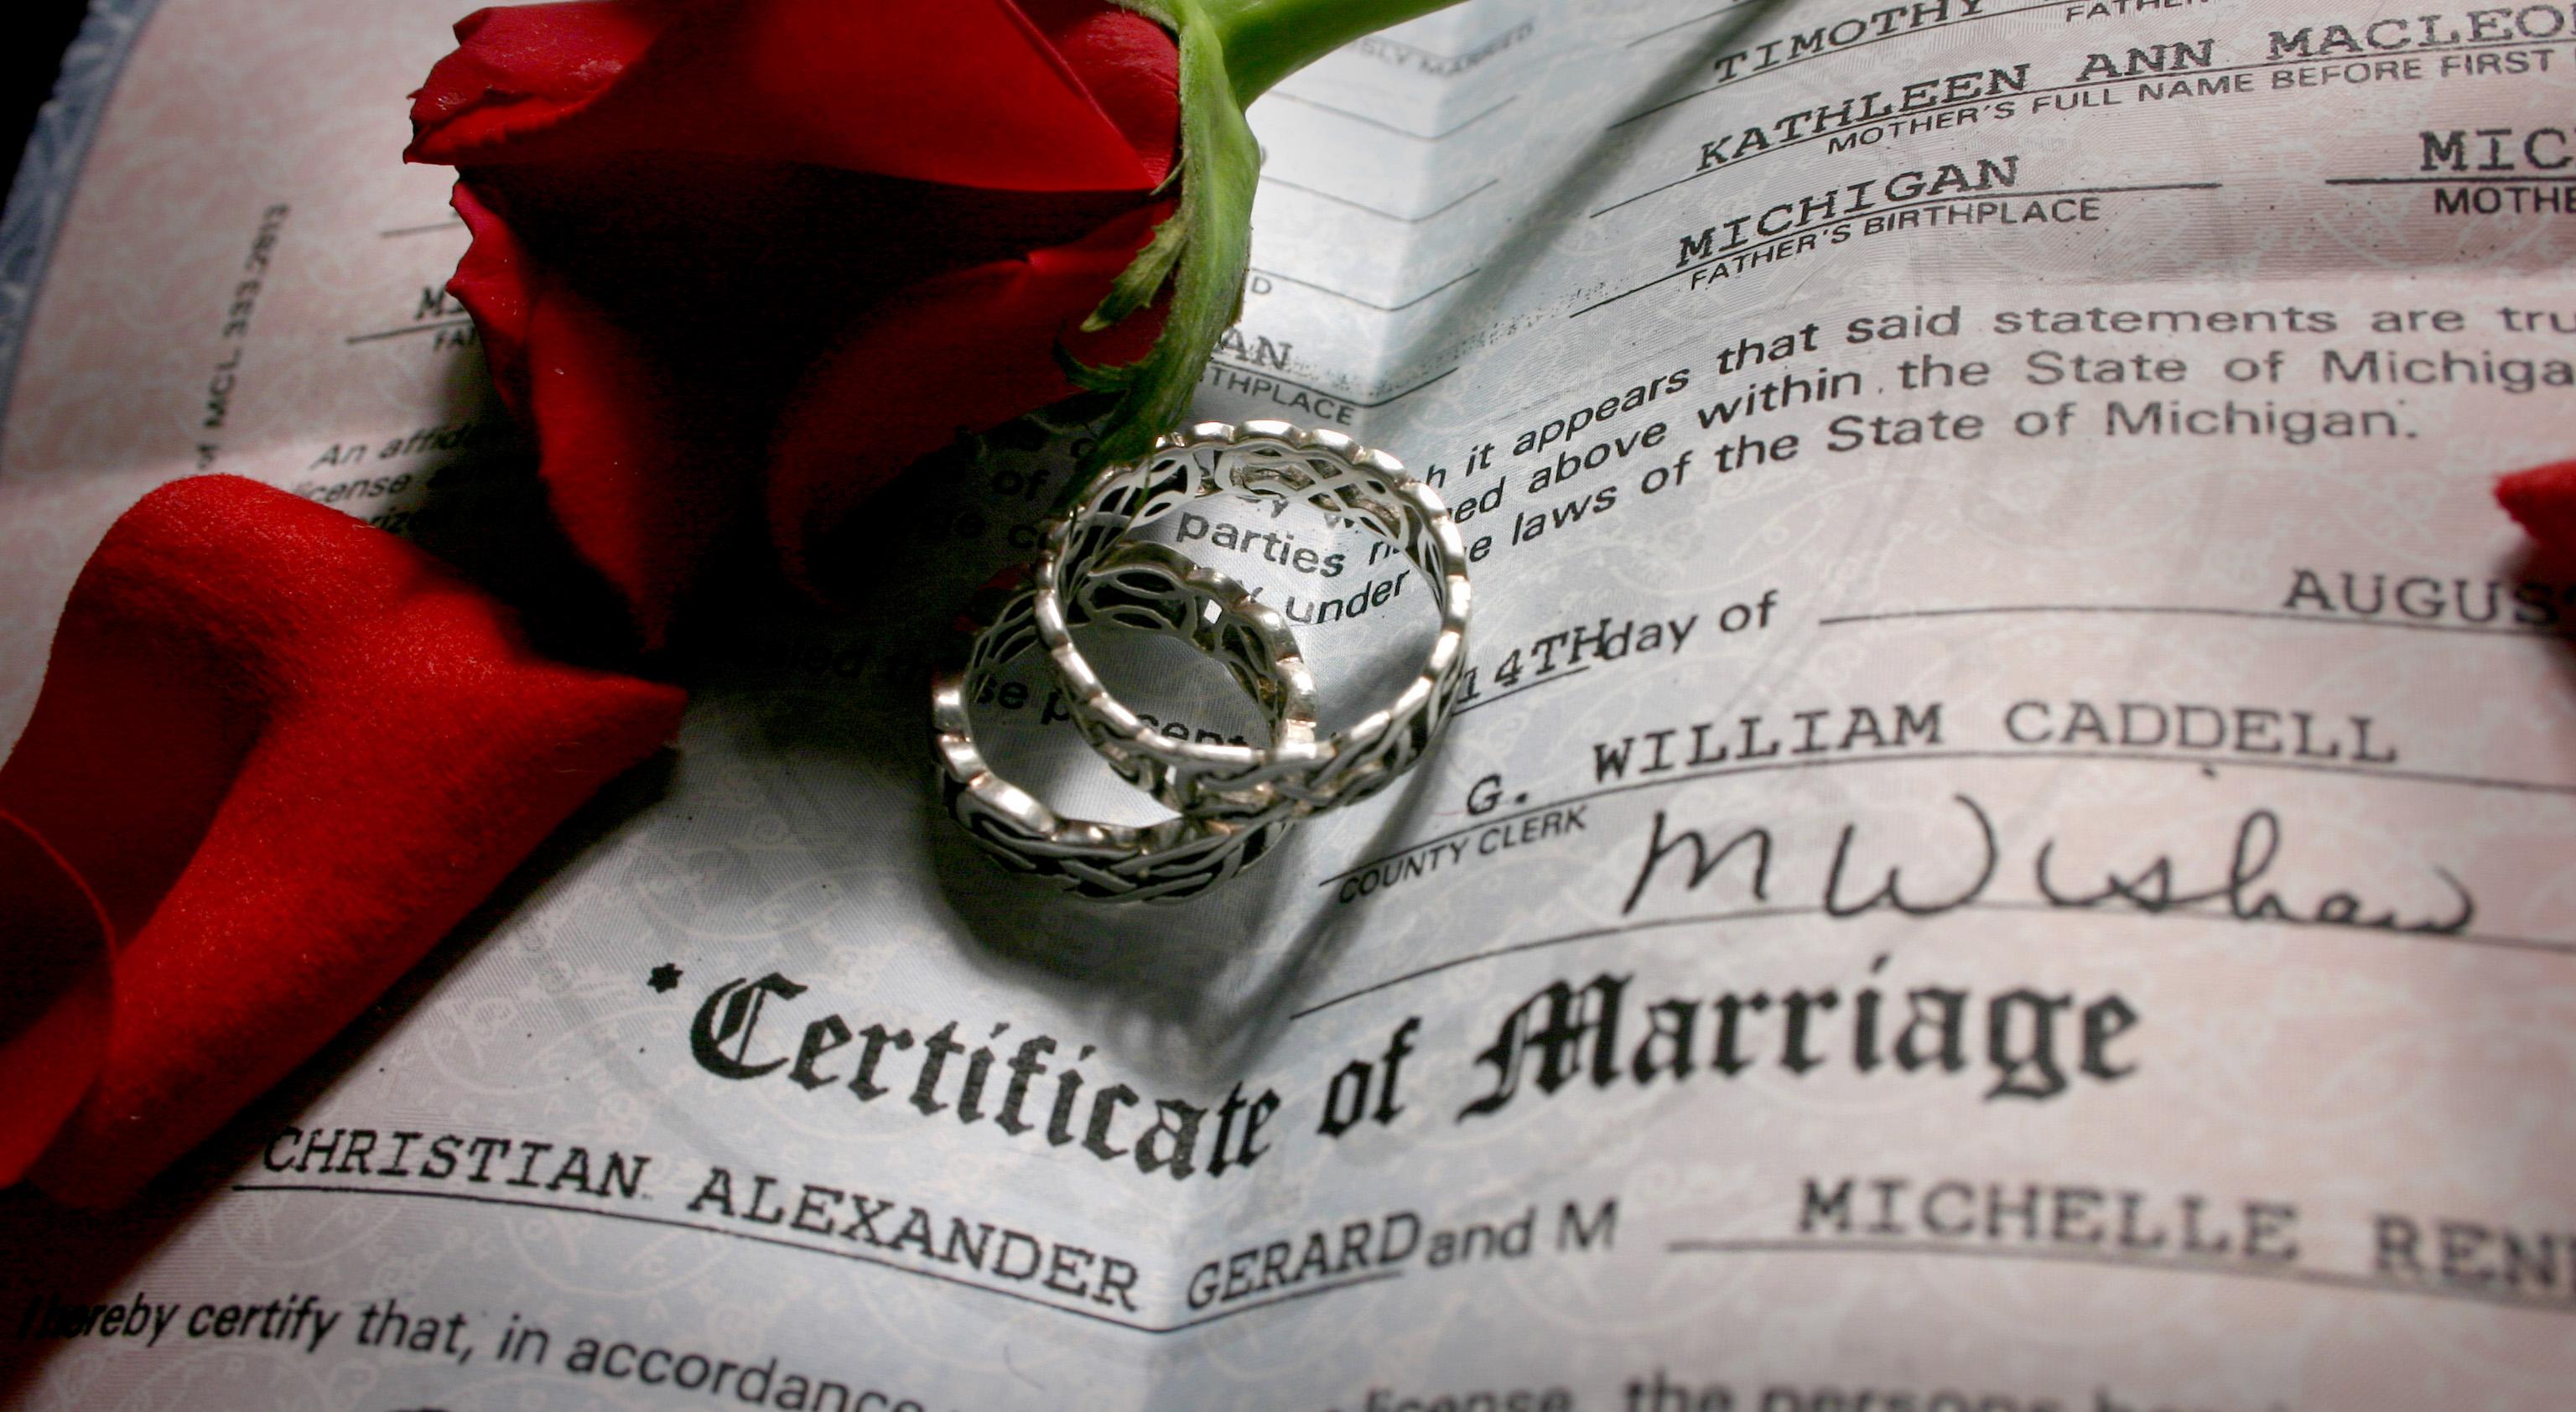 صورة صور عيد زواج , اجمل صور لعيد الزواج